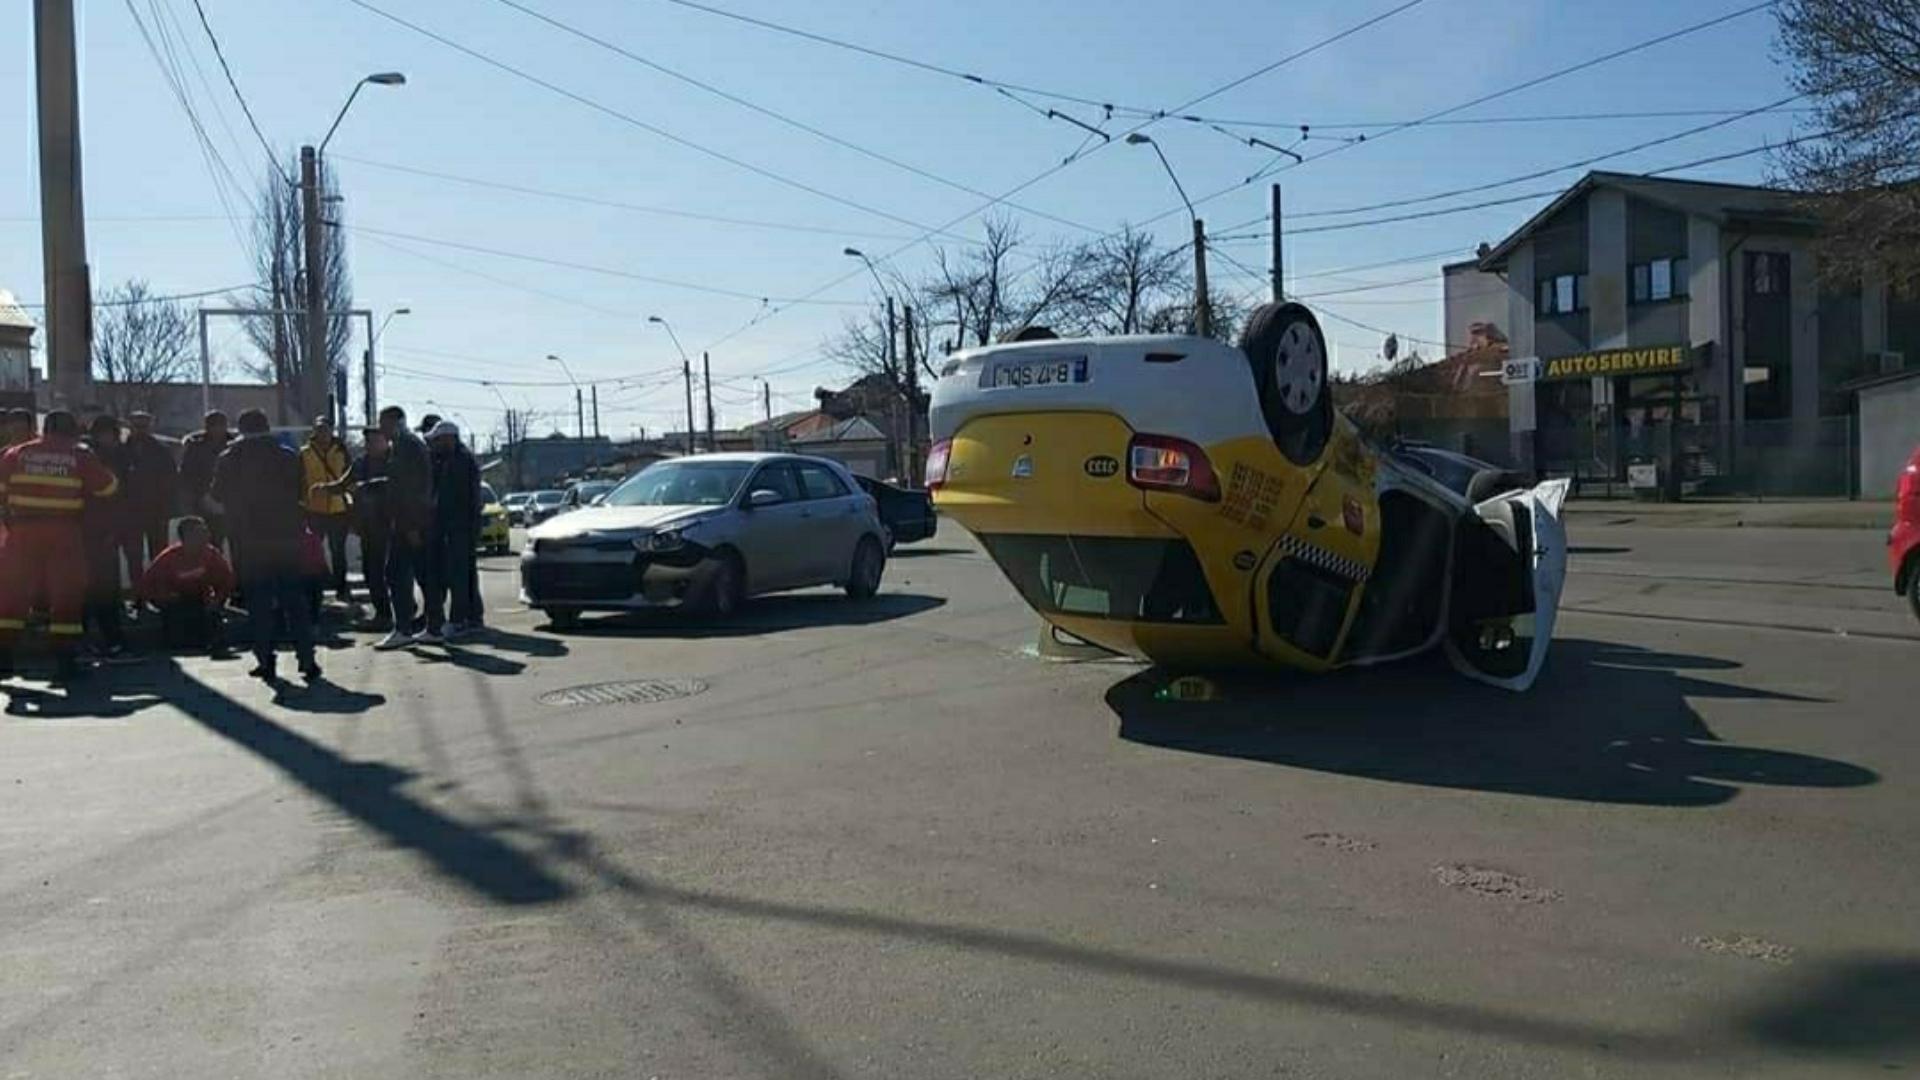 Foto | Accident în Ferentari, neacordare de prioritate, două autoturisme implicate, taxiul s-a răsturnat pe cupolă